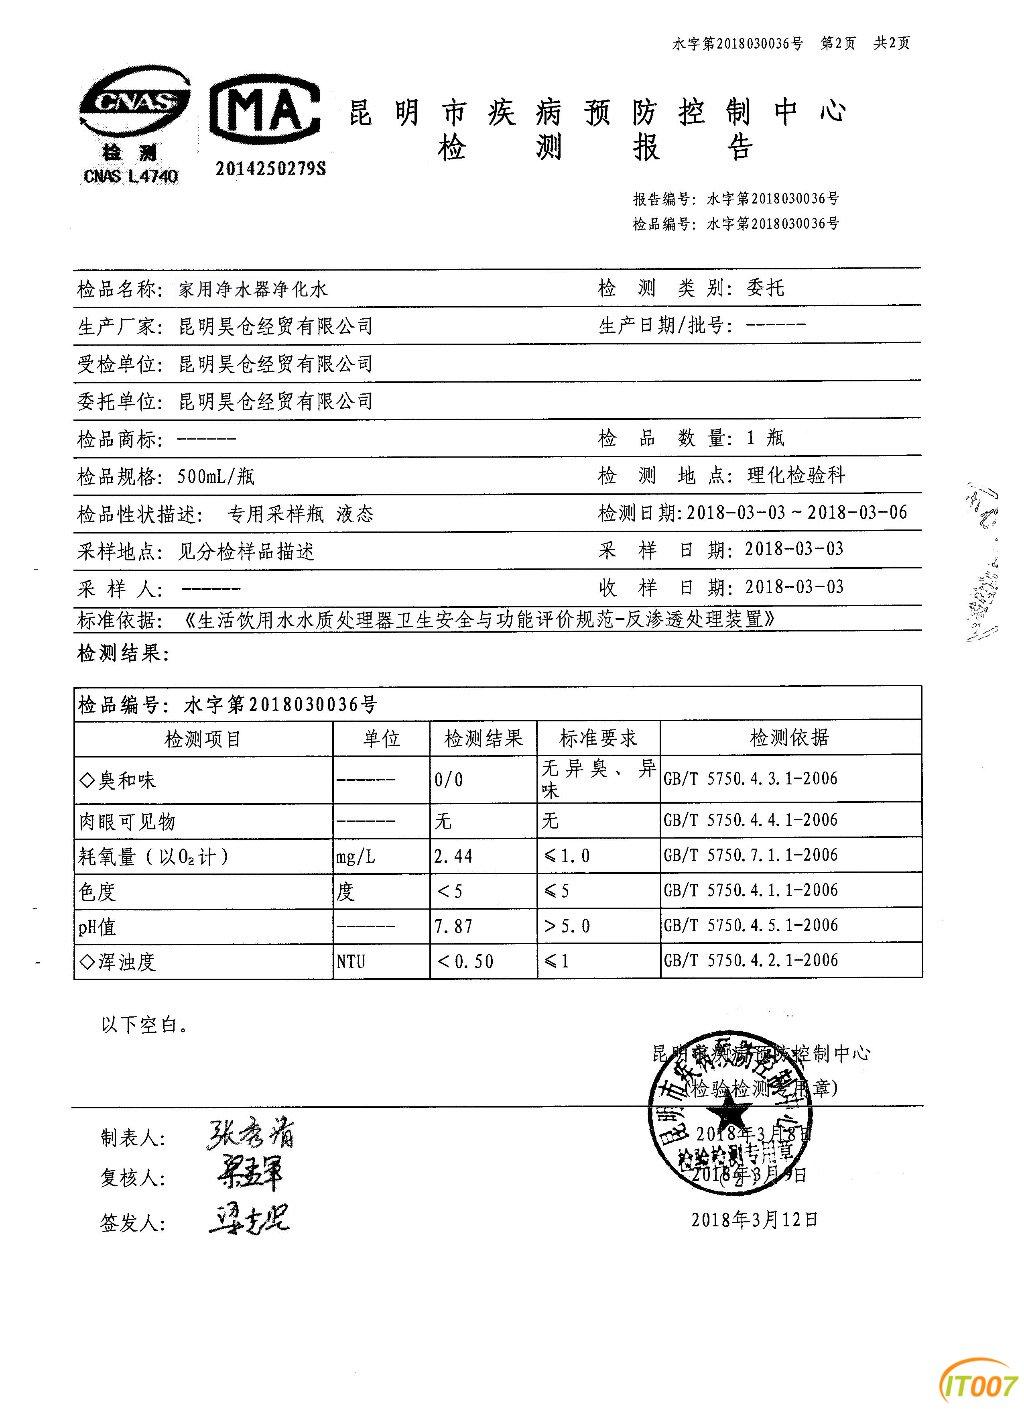 FE89FDD1-0F8E-4800-B3BC-EEE0F52D2436.jpeg